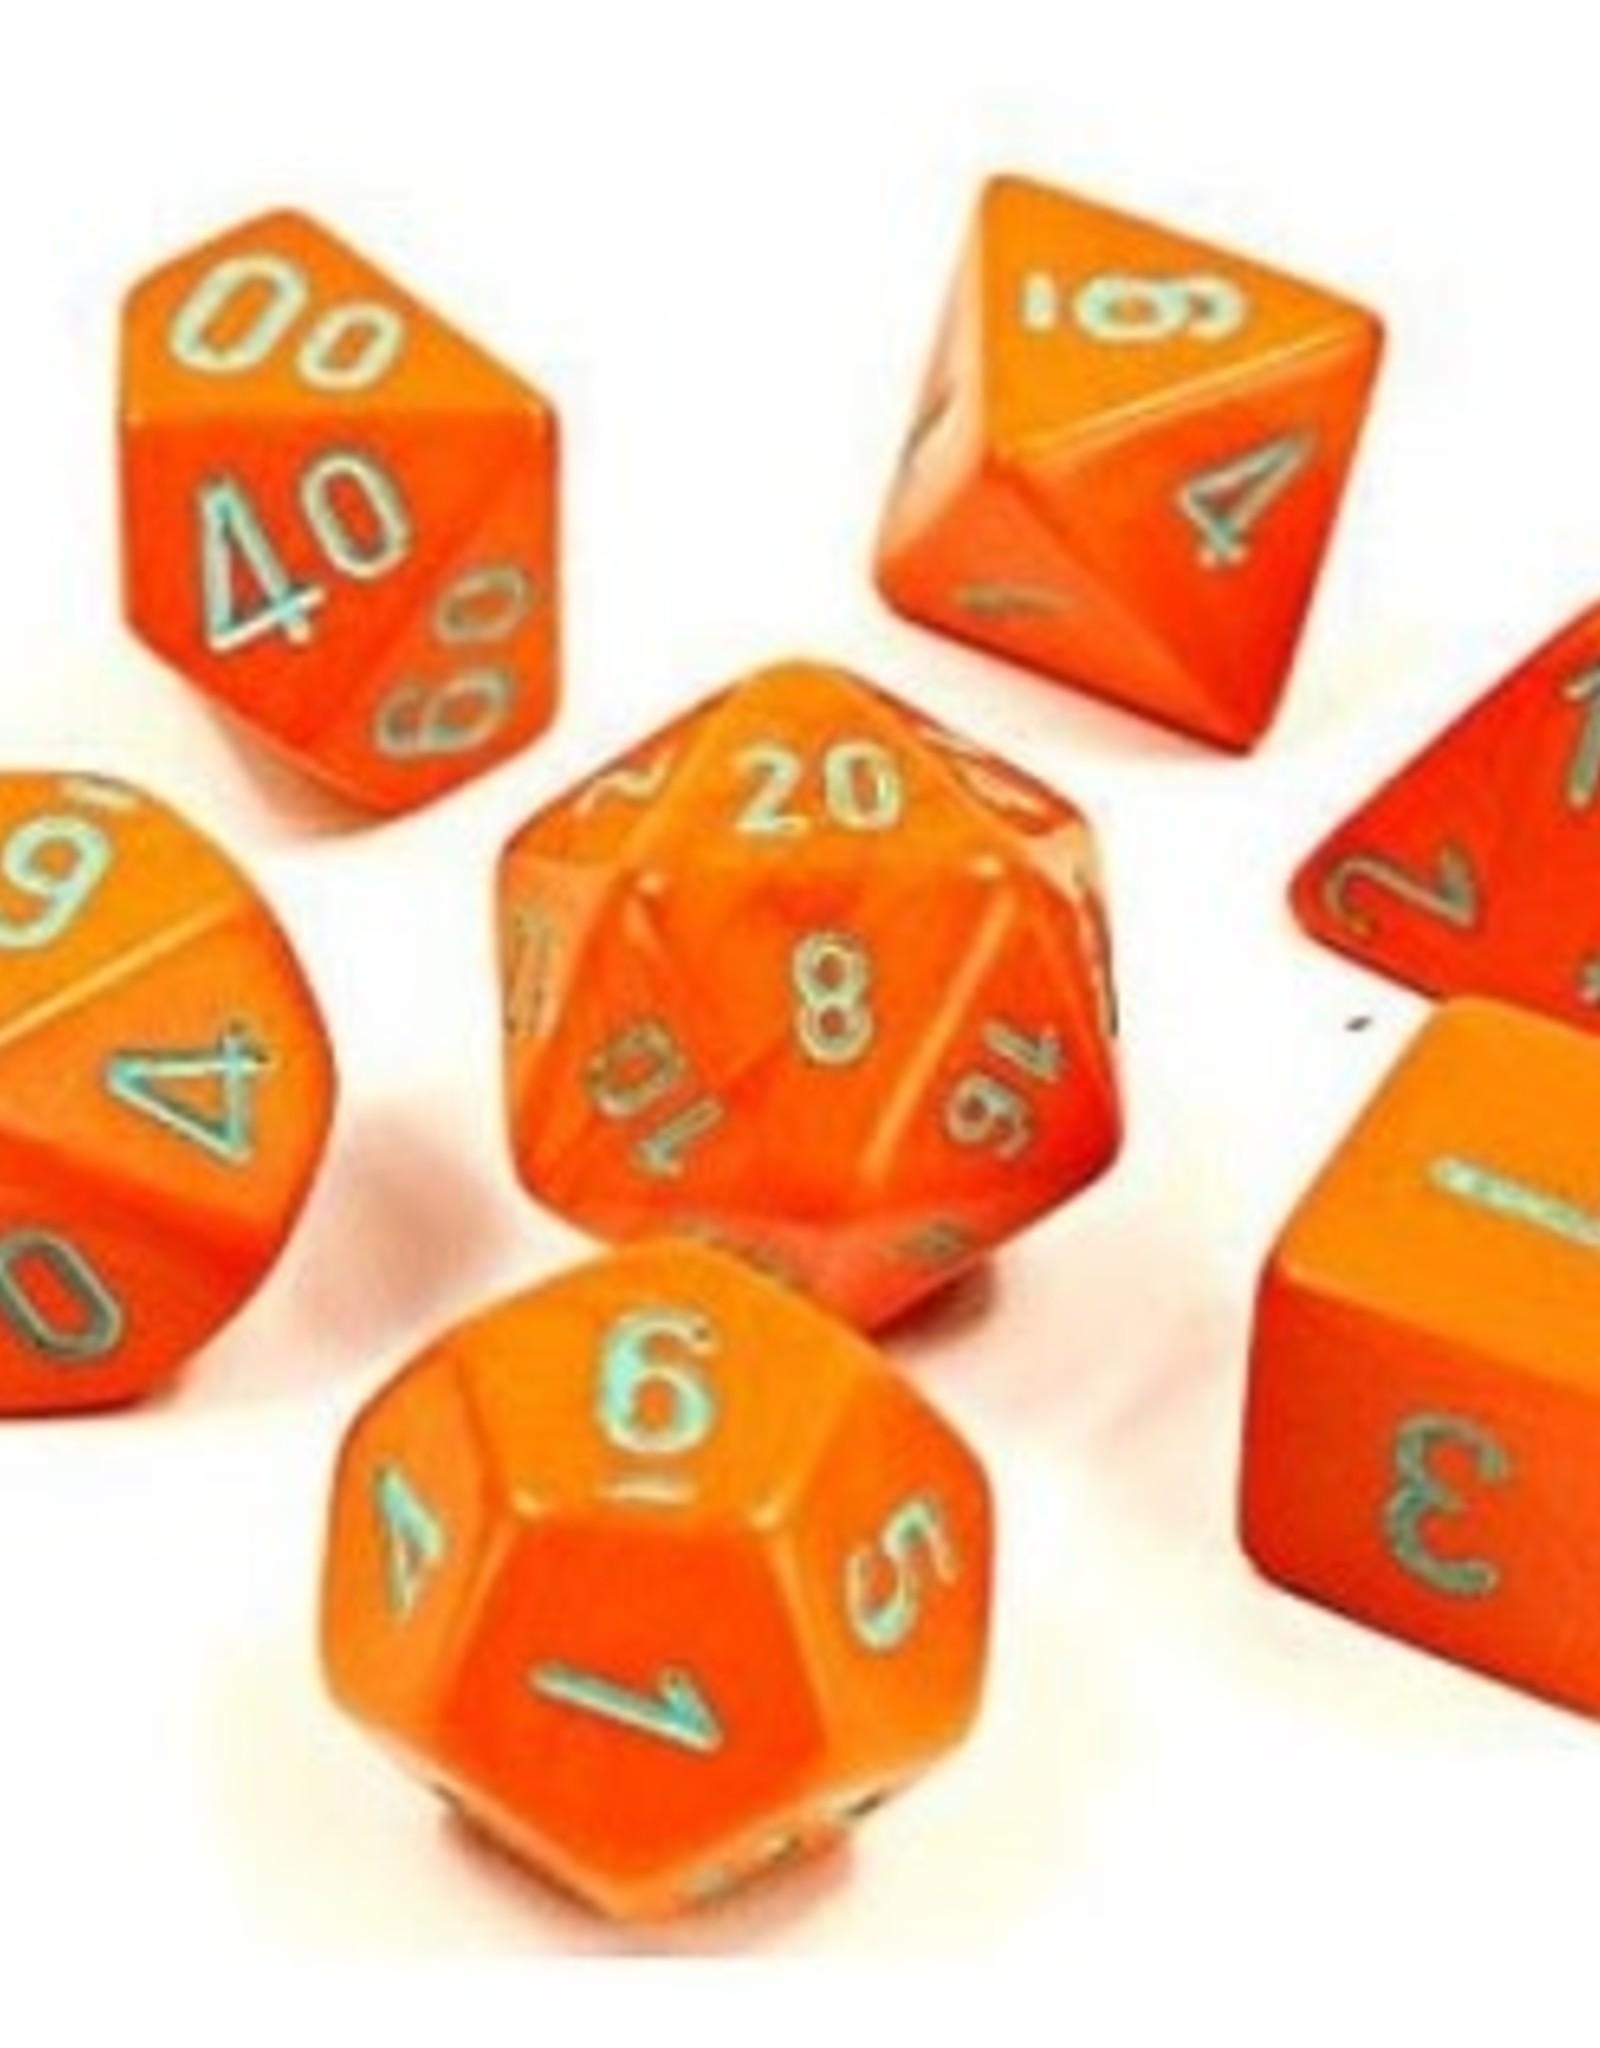 Chessex Dice Block 7ct. - Orange/turqoise